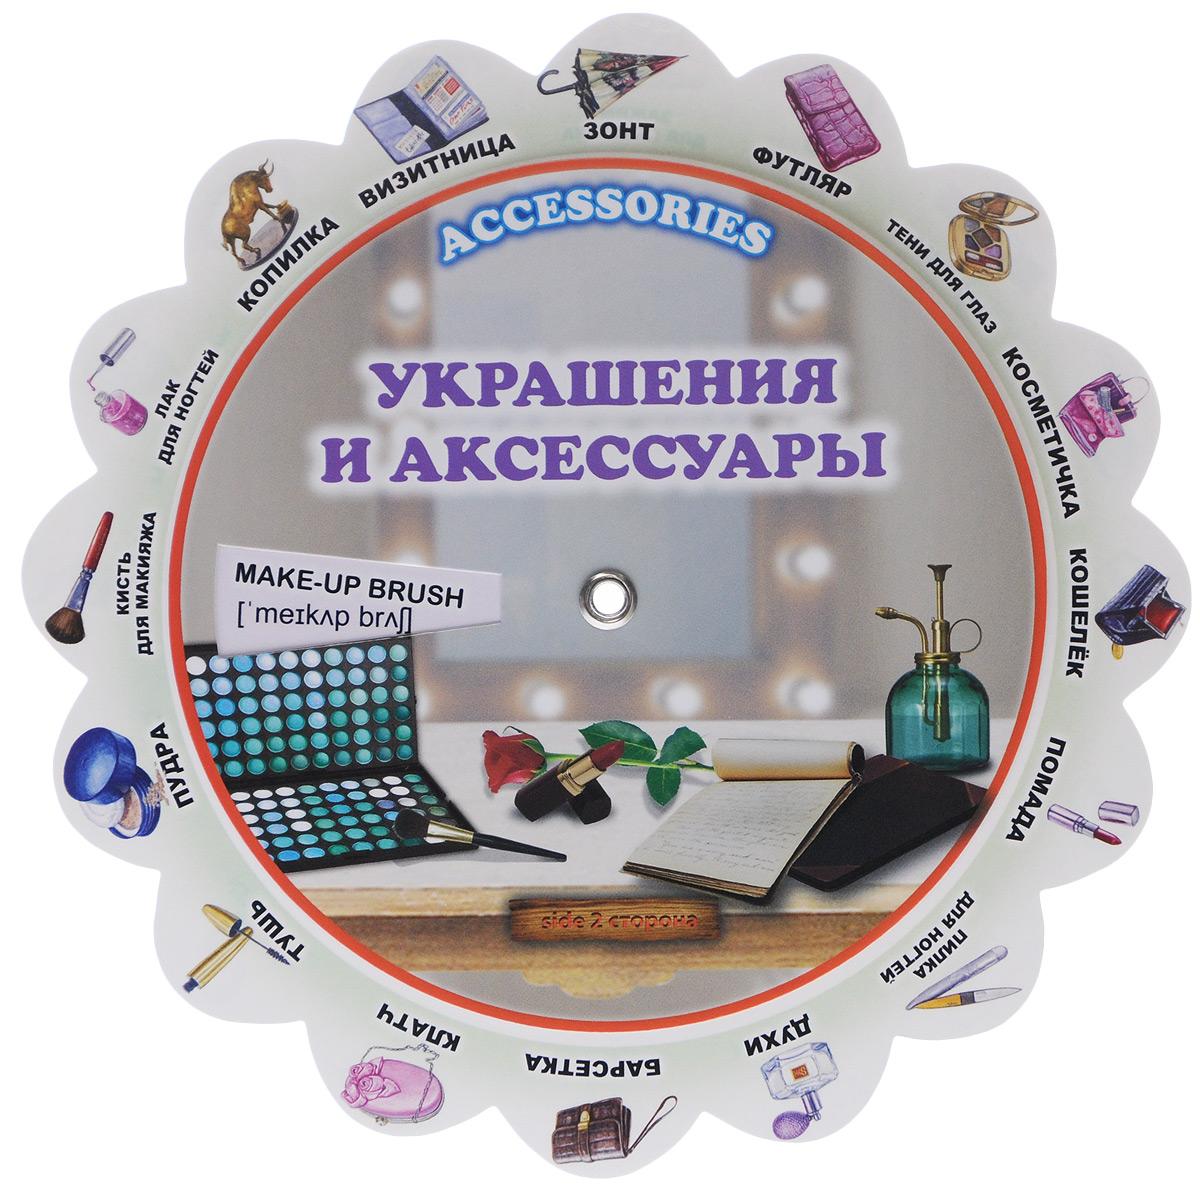 Accessories / Украшения и аксессуары. Иллюстрированный тематический словарь ( 978-5-906730-47-3 )